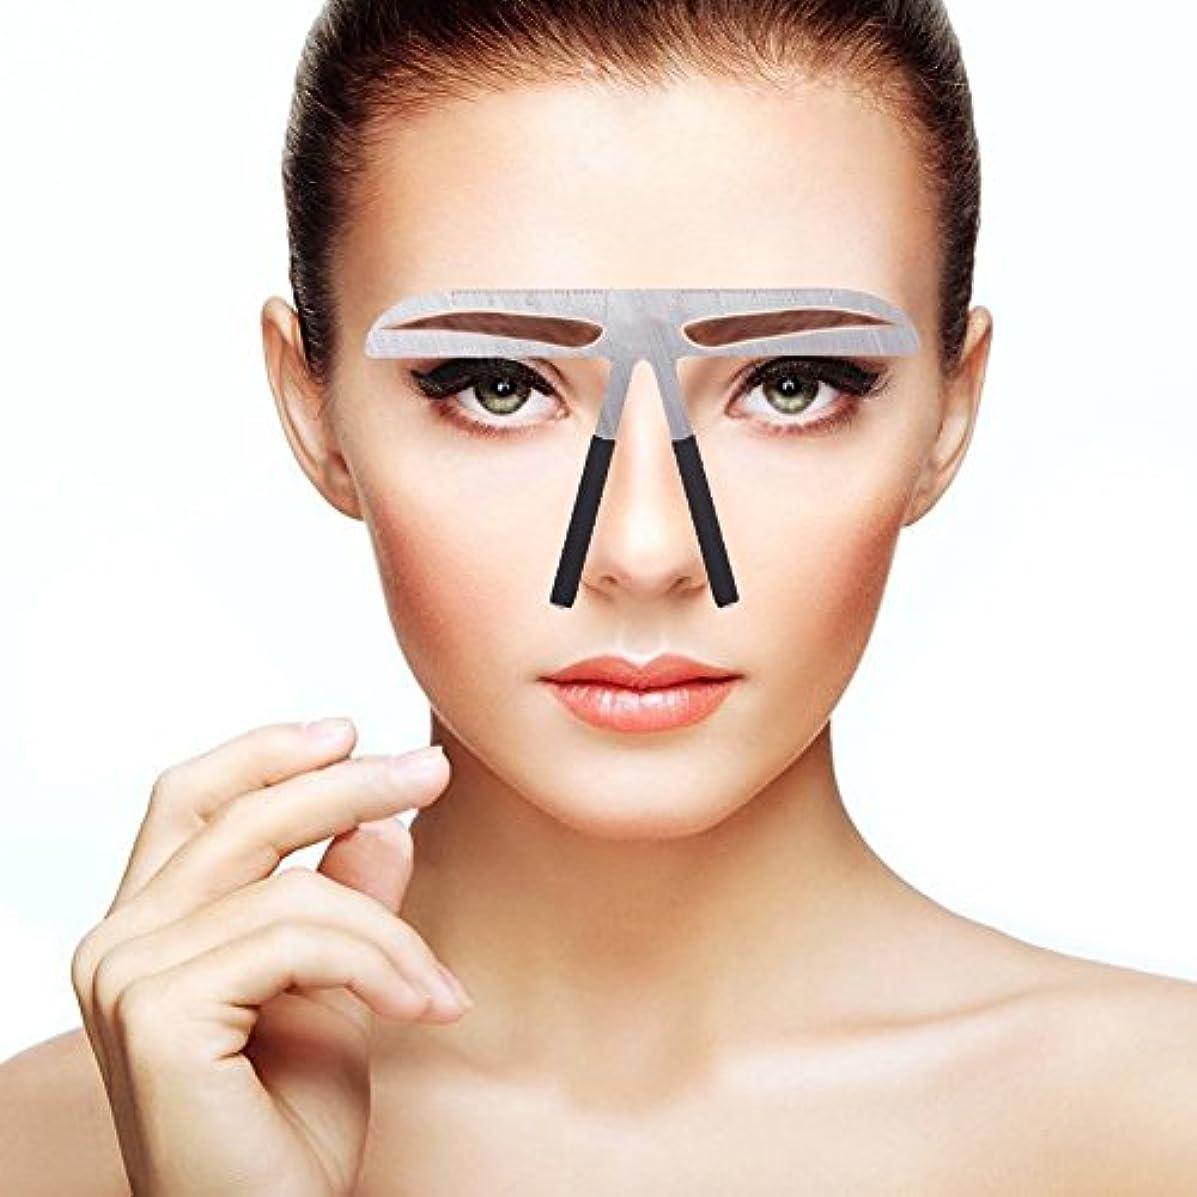 コンソールダンプ数眉毛テンプレート 眉毛の定規 メイクアップ 美容ツール アイブローテンプレート アートメイク用定規 美容用 恒久化粧ツール 左右対称 位置決め (02)